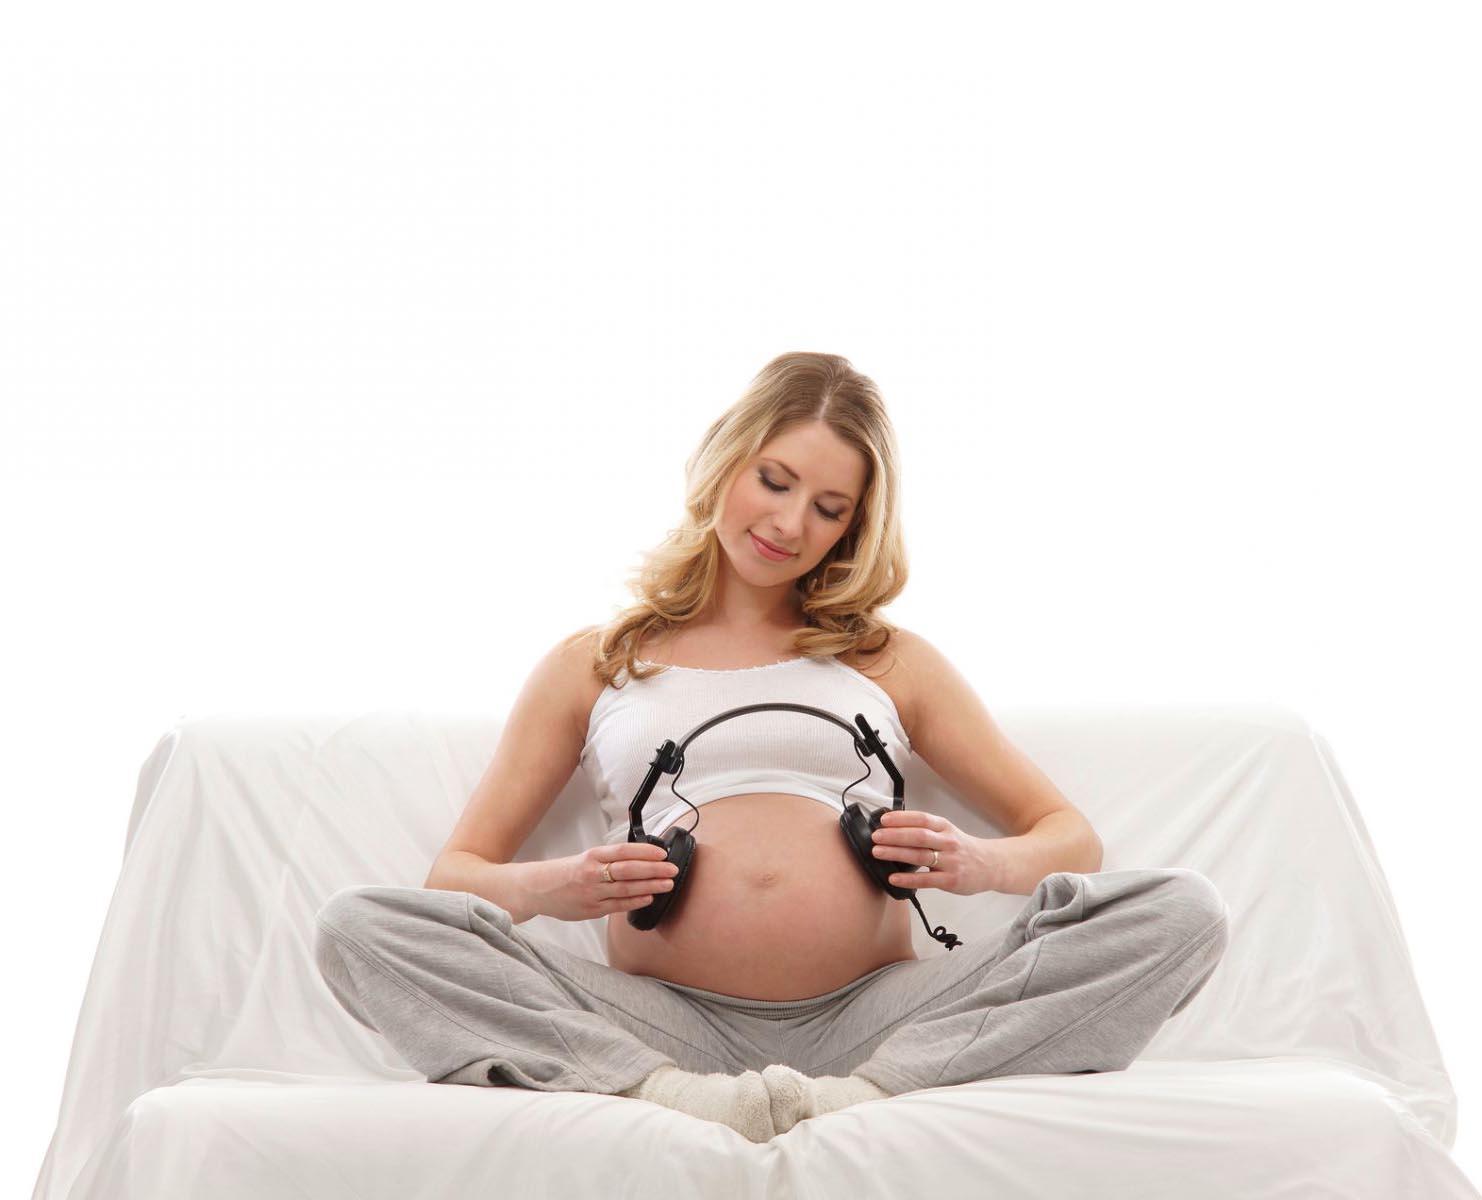 развитие беременности, воспитание и развитие ребенка, мама и малыш